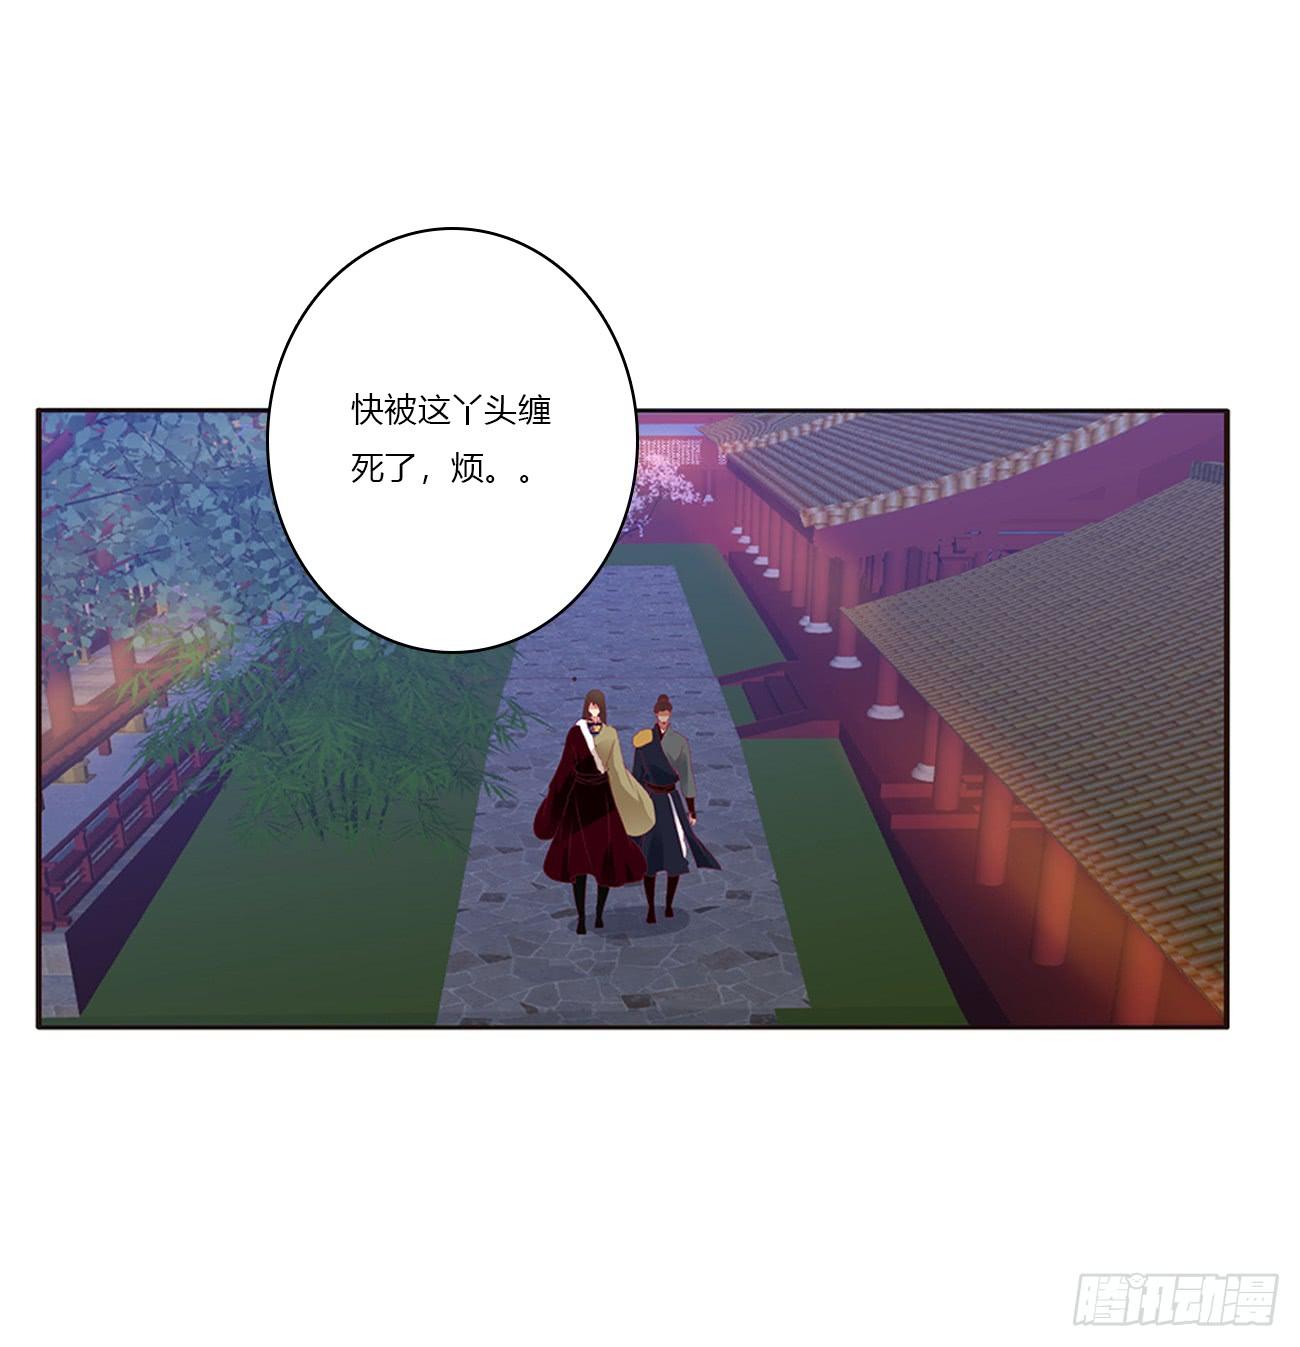 通靈妃: 赞同 - 第45页